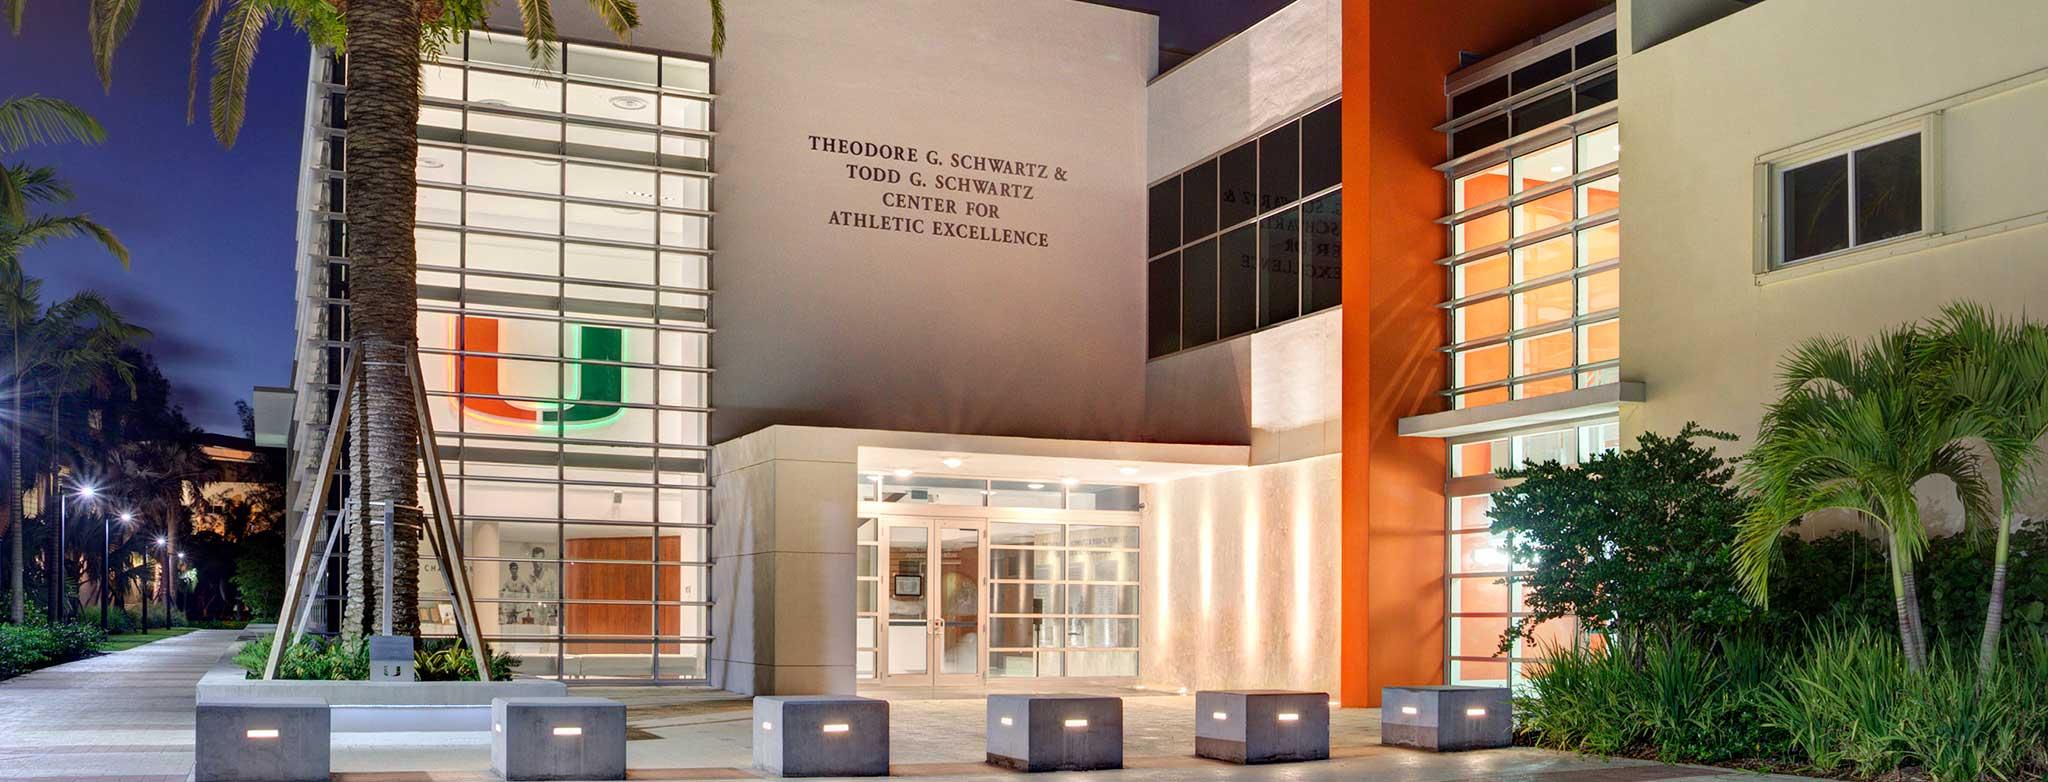 UM Schwartz Center